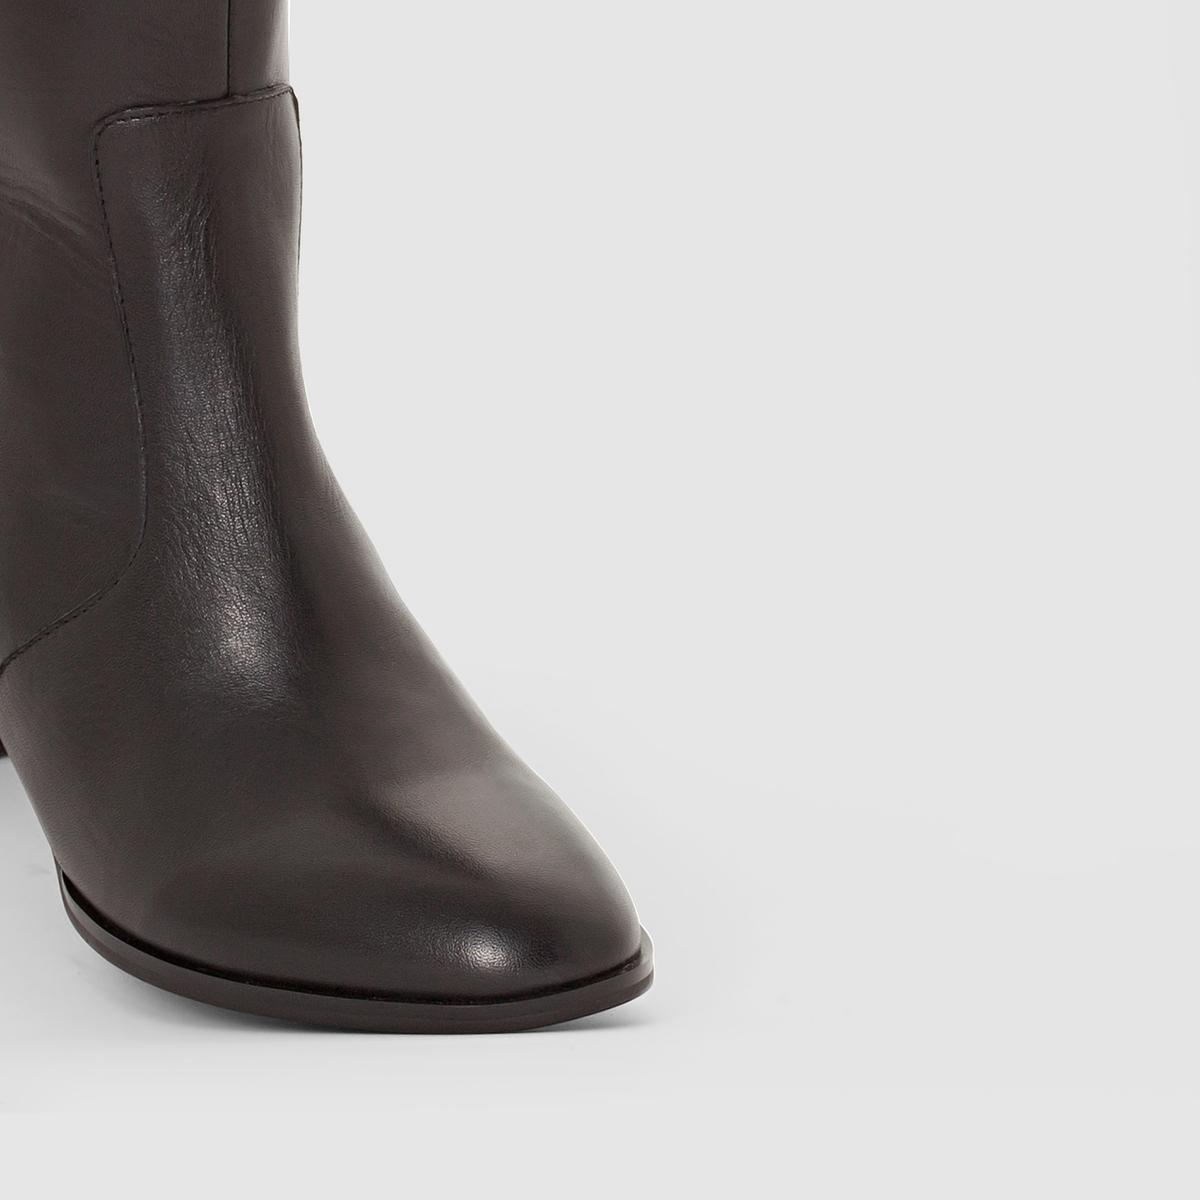 Сапоги из двух материаловВерх/Голенище: кожа                 Подкладка: текстиль         Стелька: кожа         Подошва: эластомер         Высота каблука: 5,5 см               Форма каблука: широкий         Мысок: закругленный         Застежка: на молнию<br><br>Цвет: черный<br>Размер: 36.41